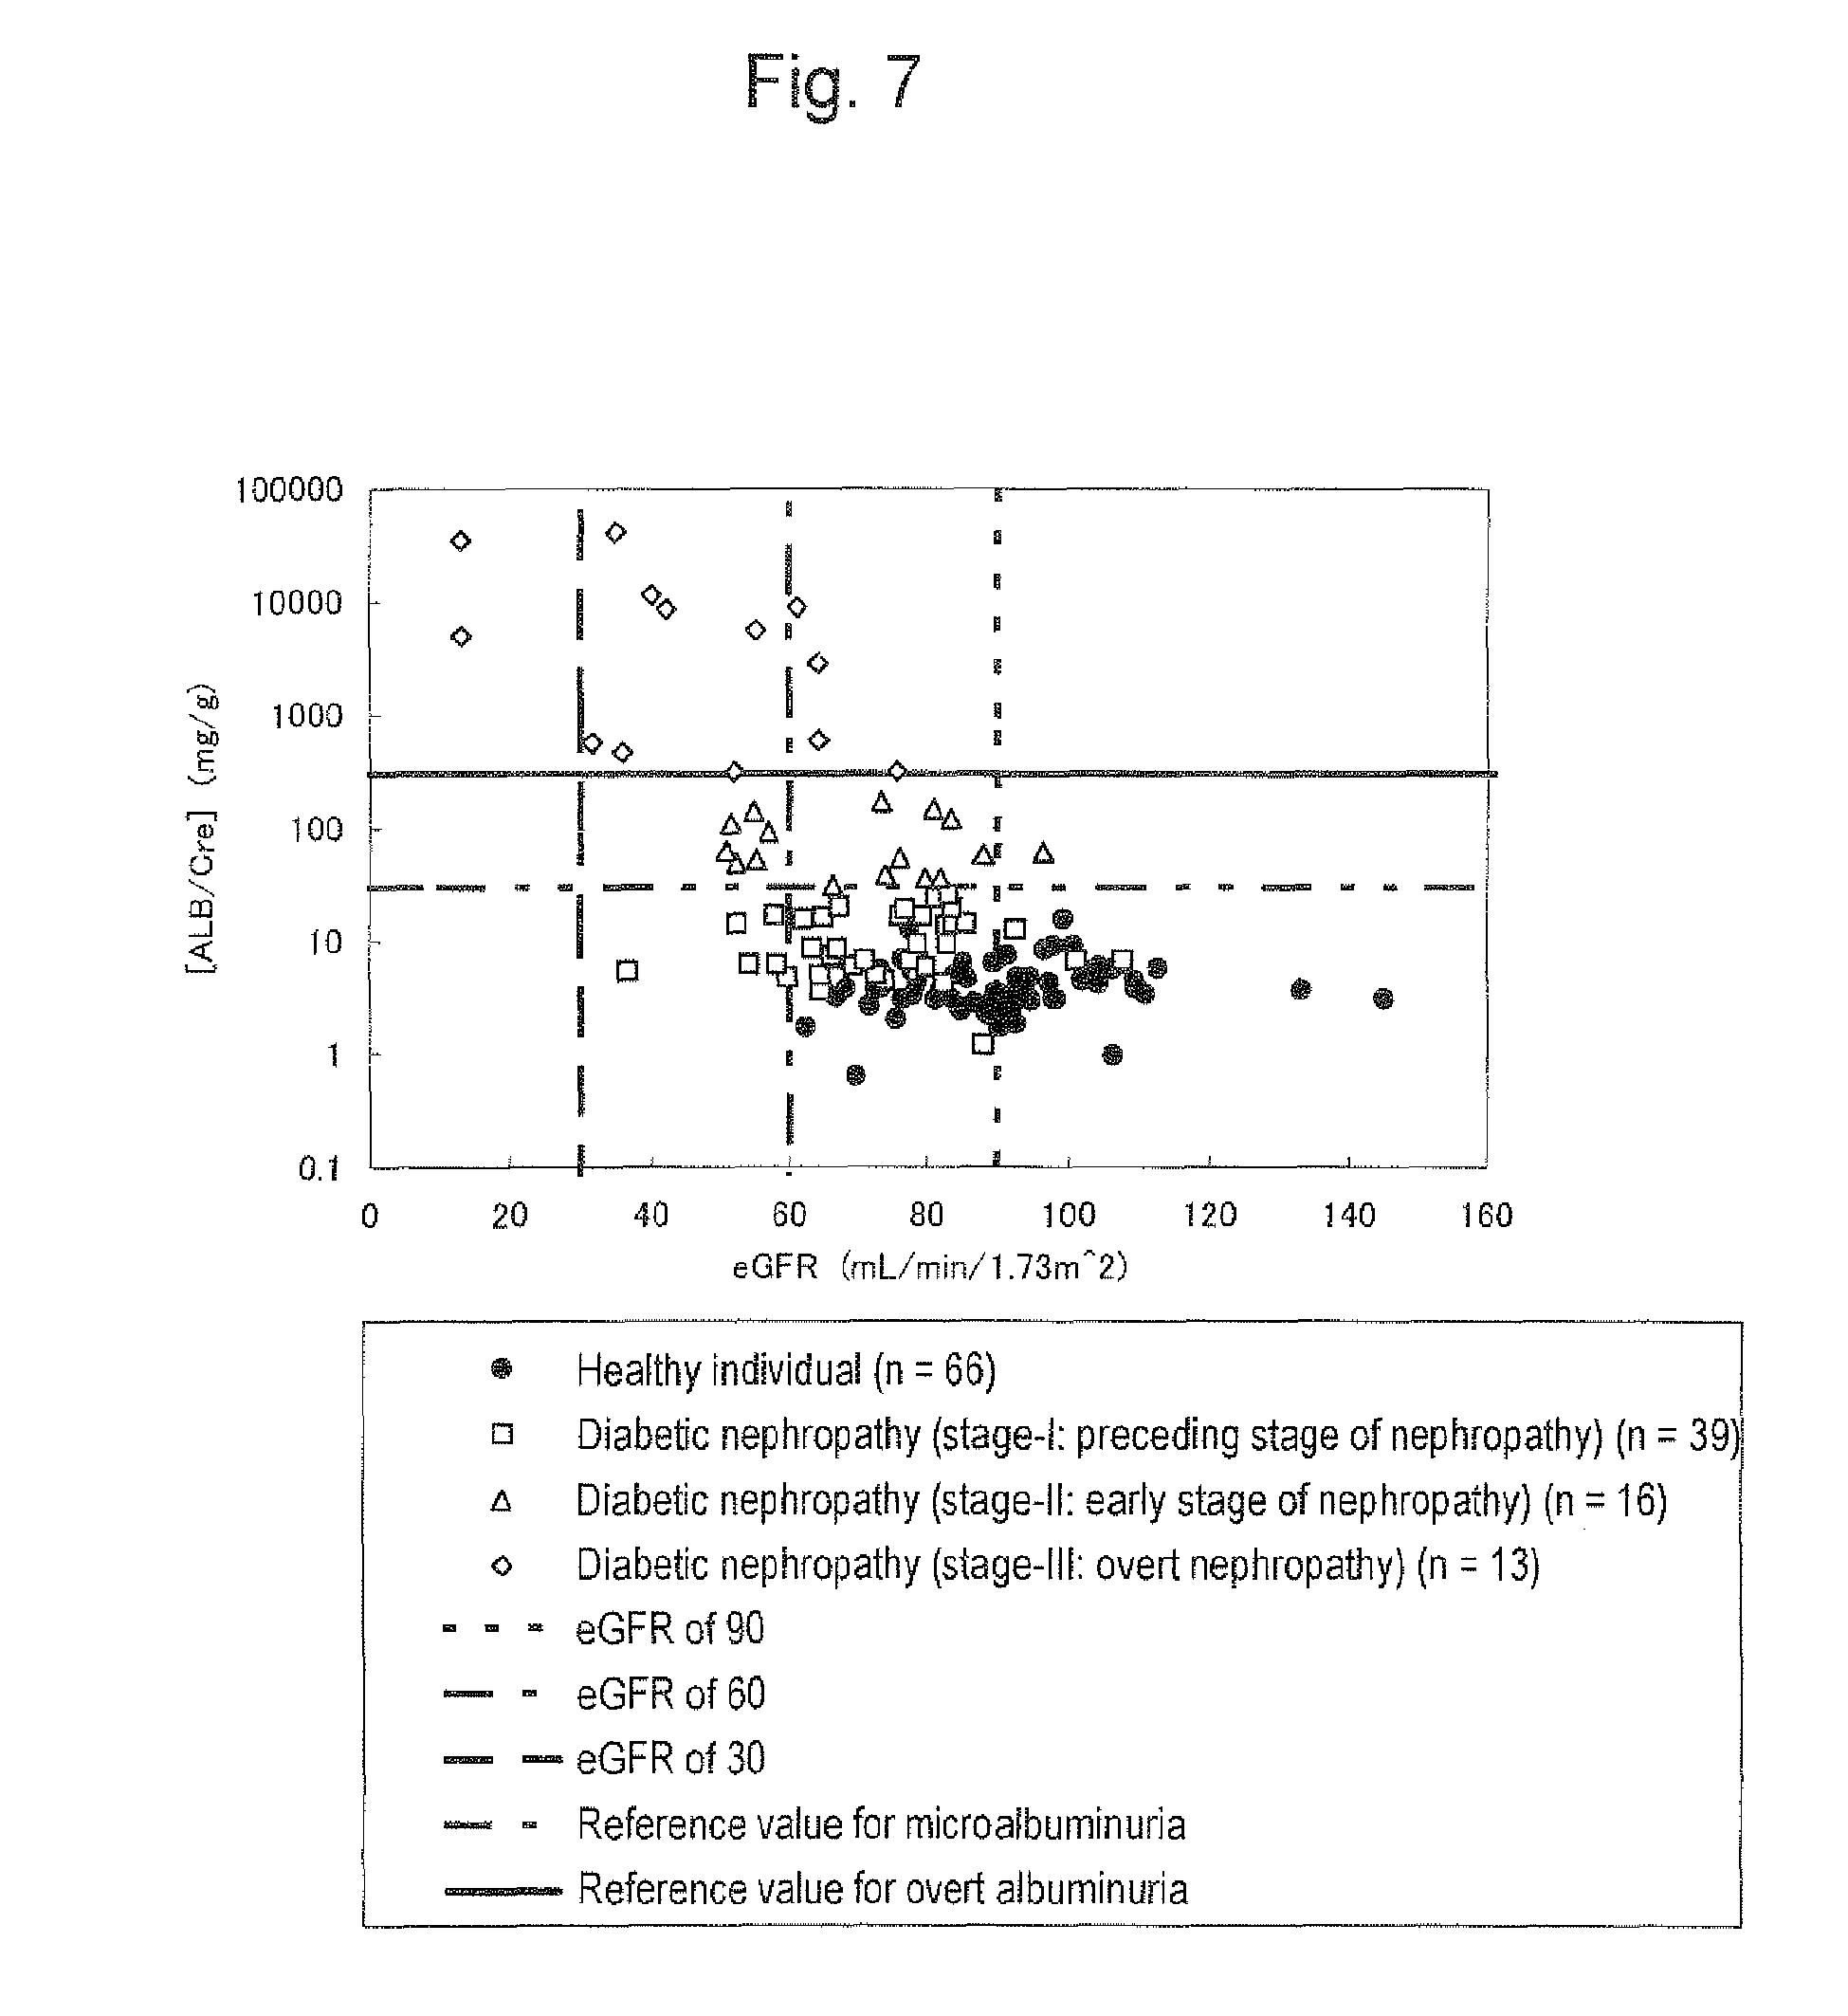 Código icd-9 para diabetes con proteinuria